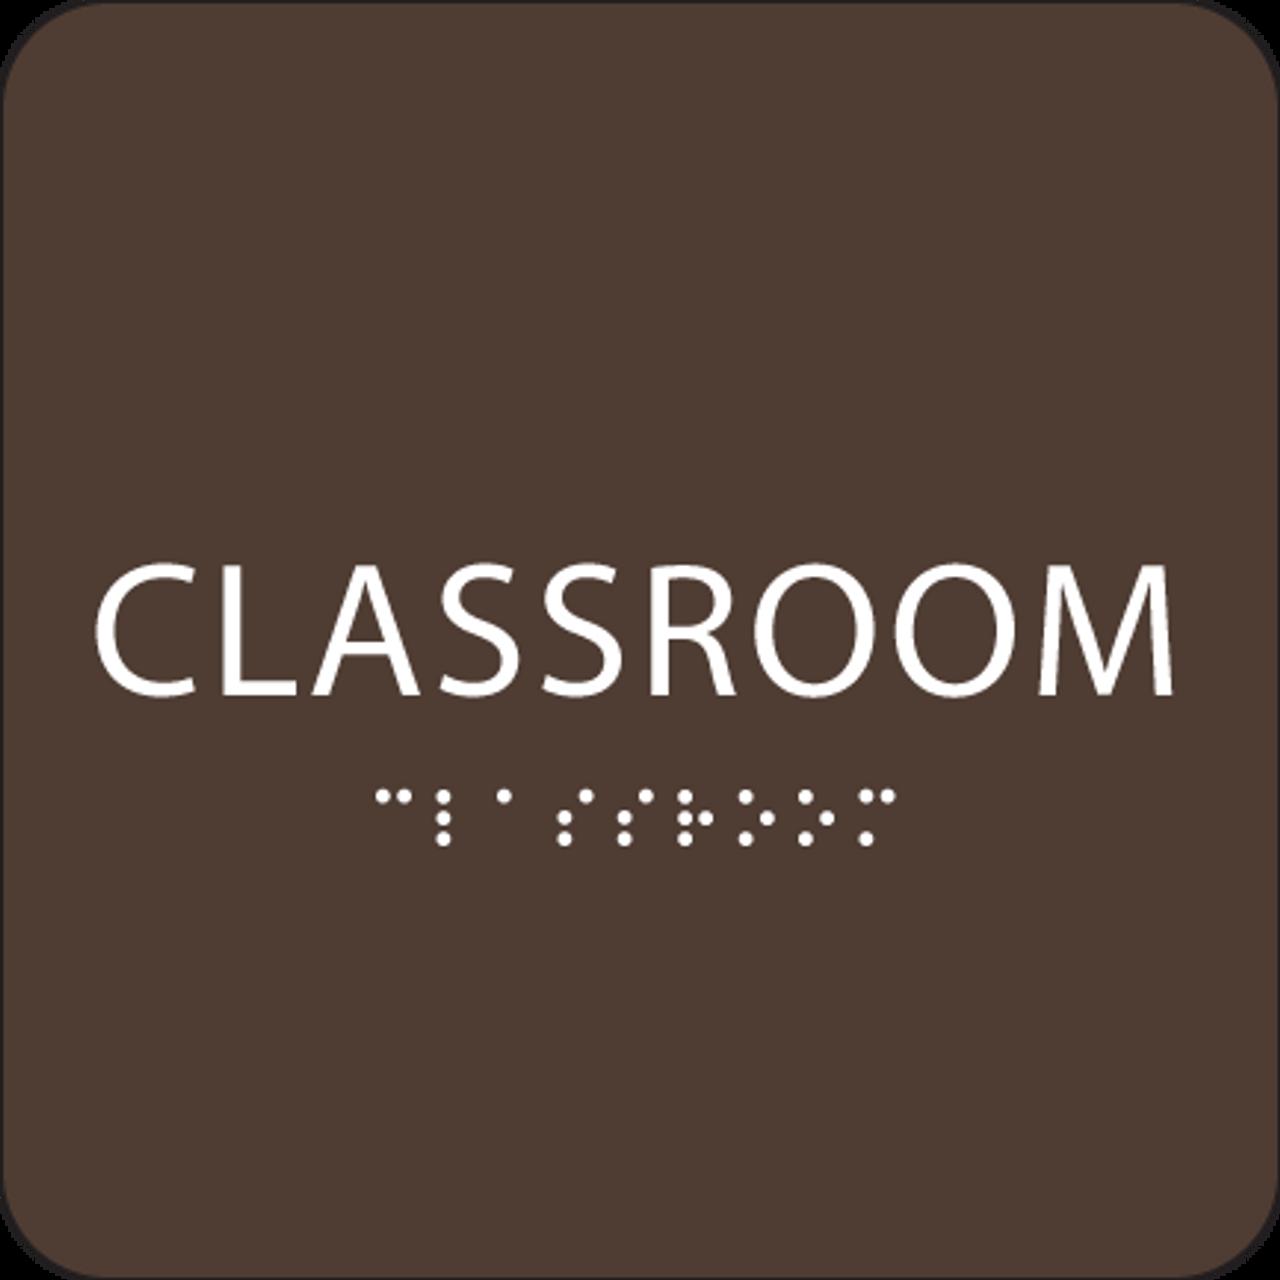 Dark Brown Classroom Braille Sign